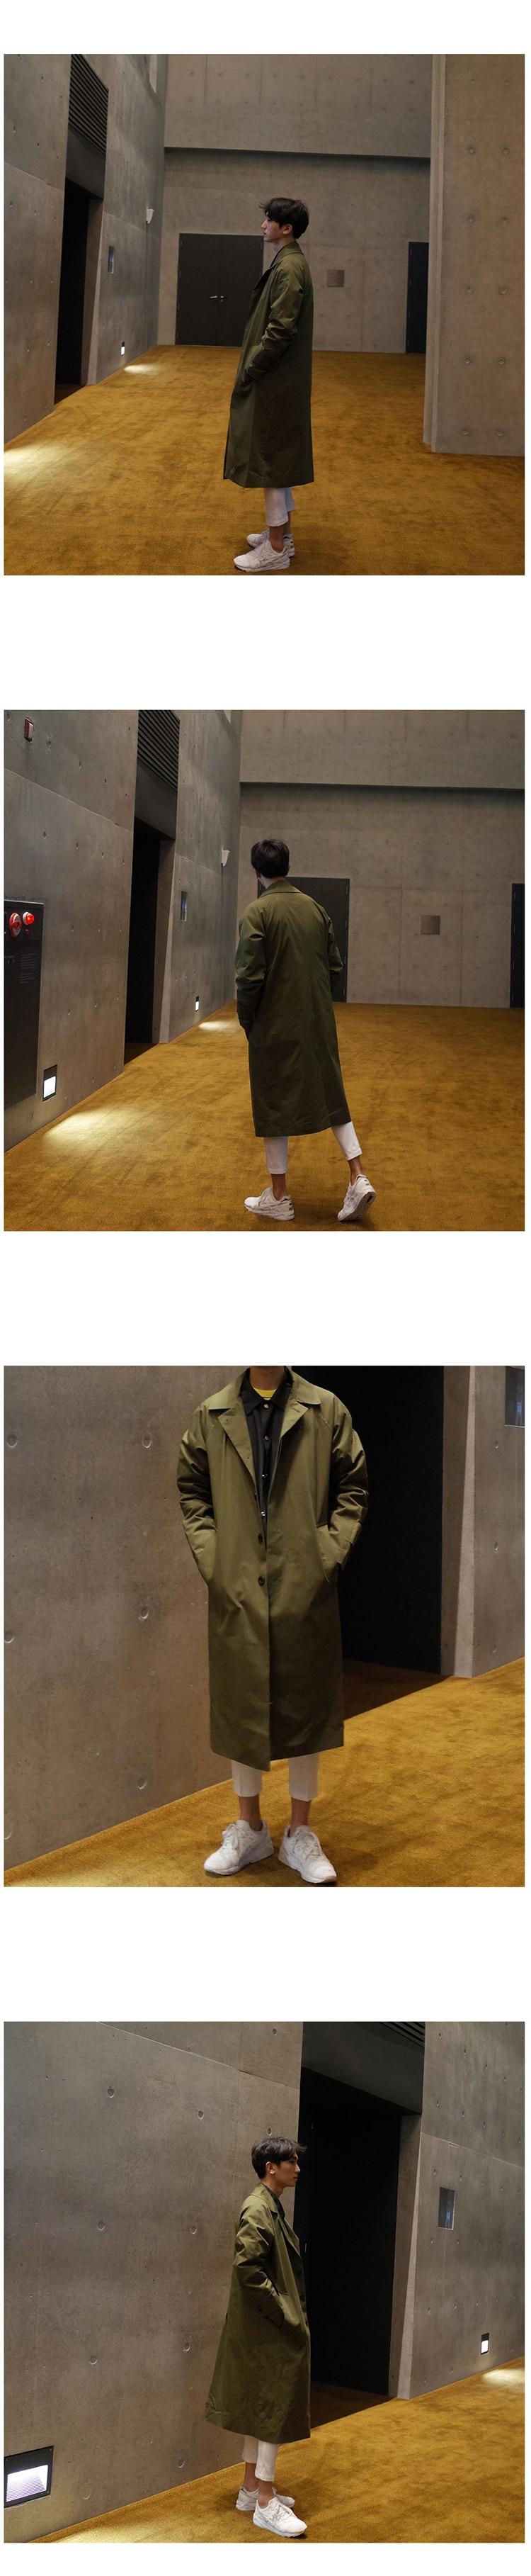 Style Size 56 Einreiher Winddichter Plus Herbst Von Winter Herren Lange Modedesigner Großhandel Trenchcoat Windjacke Sincha67 Mantel Auf Japan 2019 cAj5qLS34R